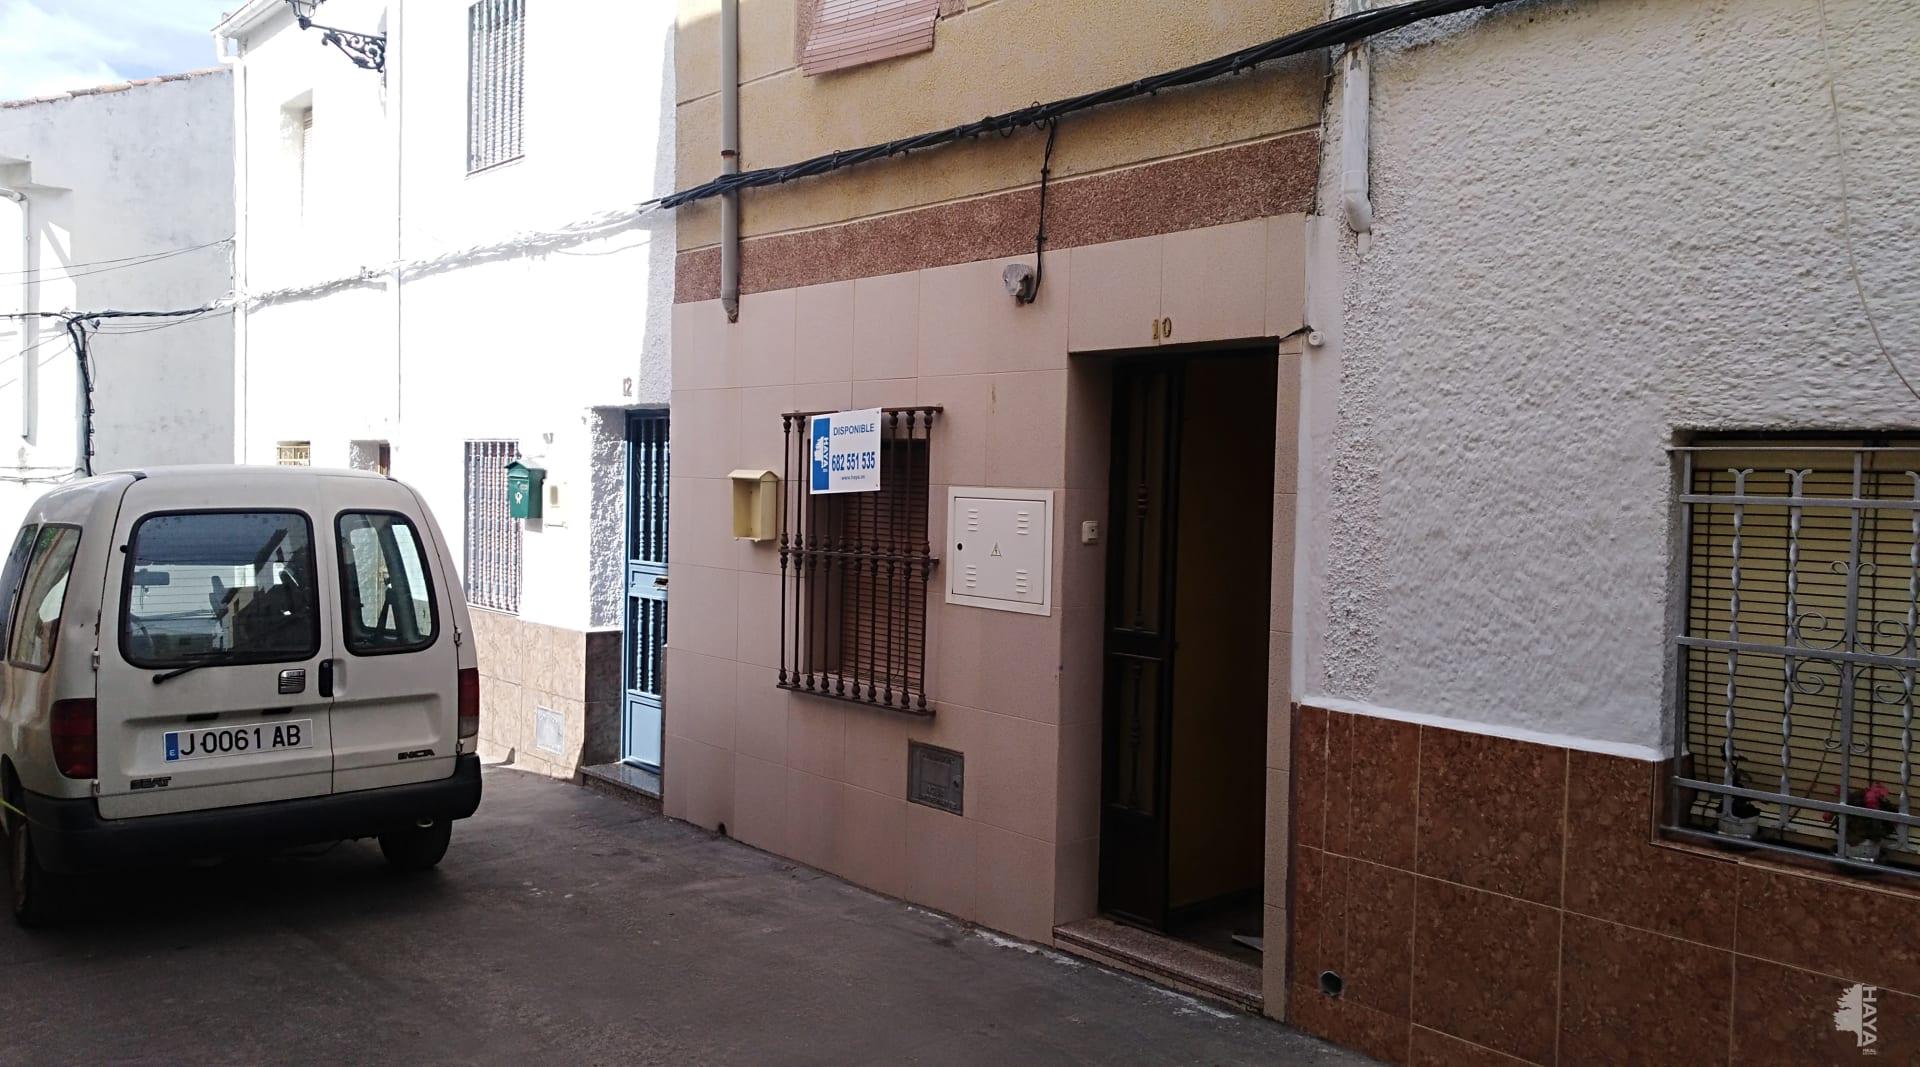 Piso en venta en Las Protegidas, los Villares, Jaén, Calle Corazon de Jesus, 88.935 €, 4 habitaciones, 2 baños, 128 m2